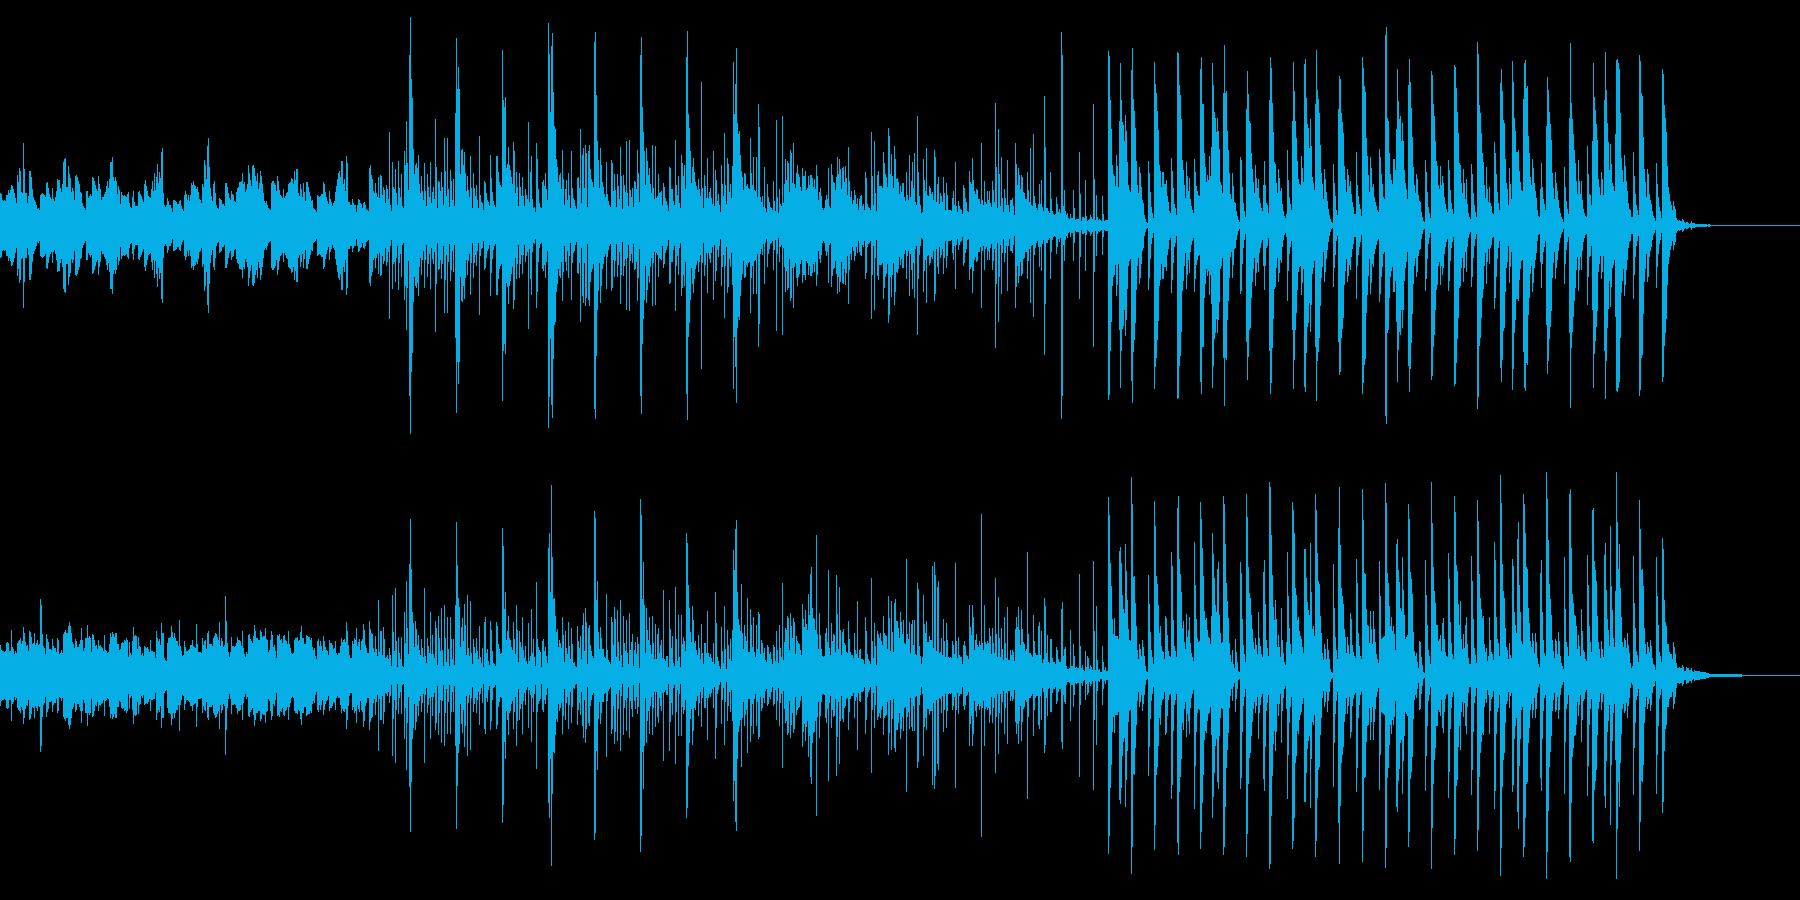 かわいらしくも切ないエレクトロニカ曲の再生済みの波形